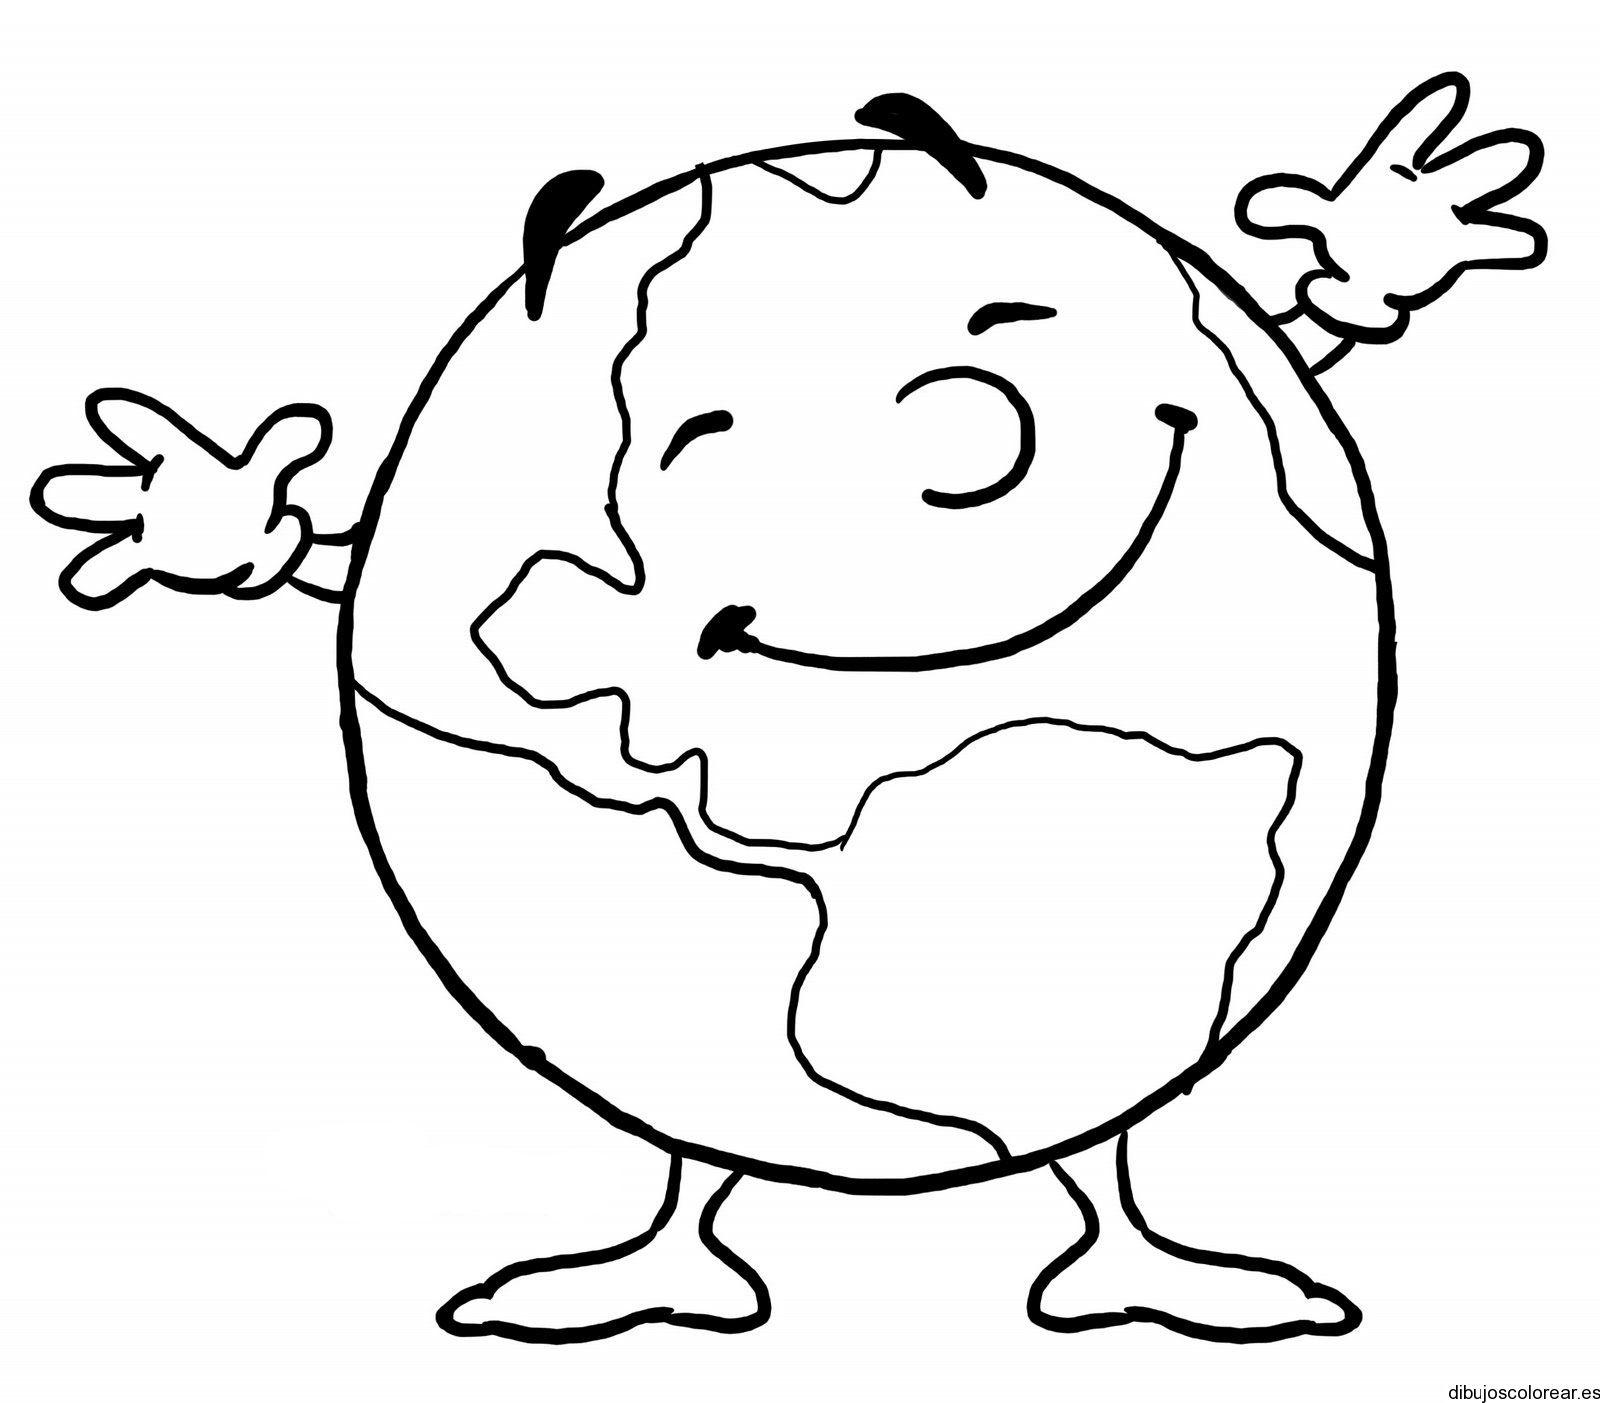 Resultado de imagen para dibujos para imprimir del mundo | mundo ...